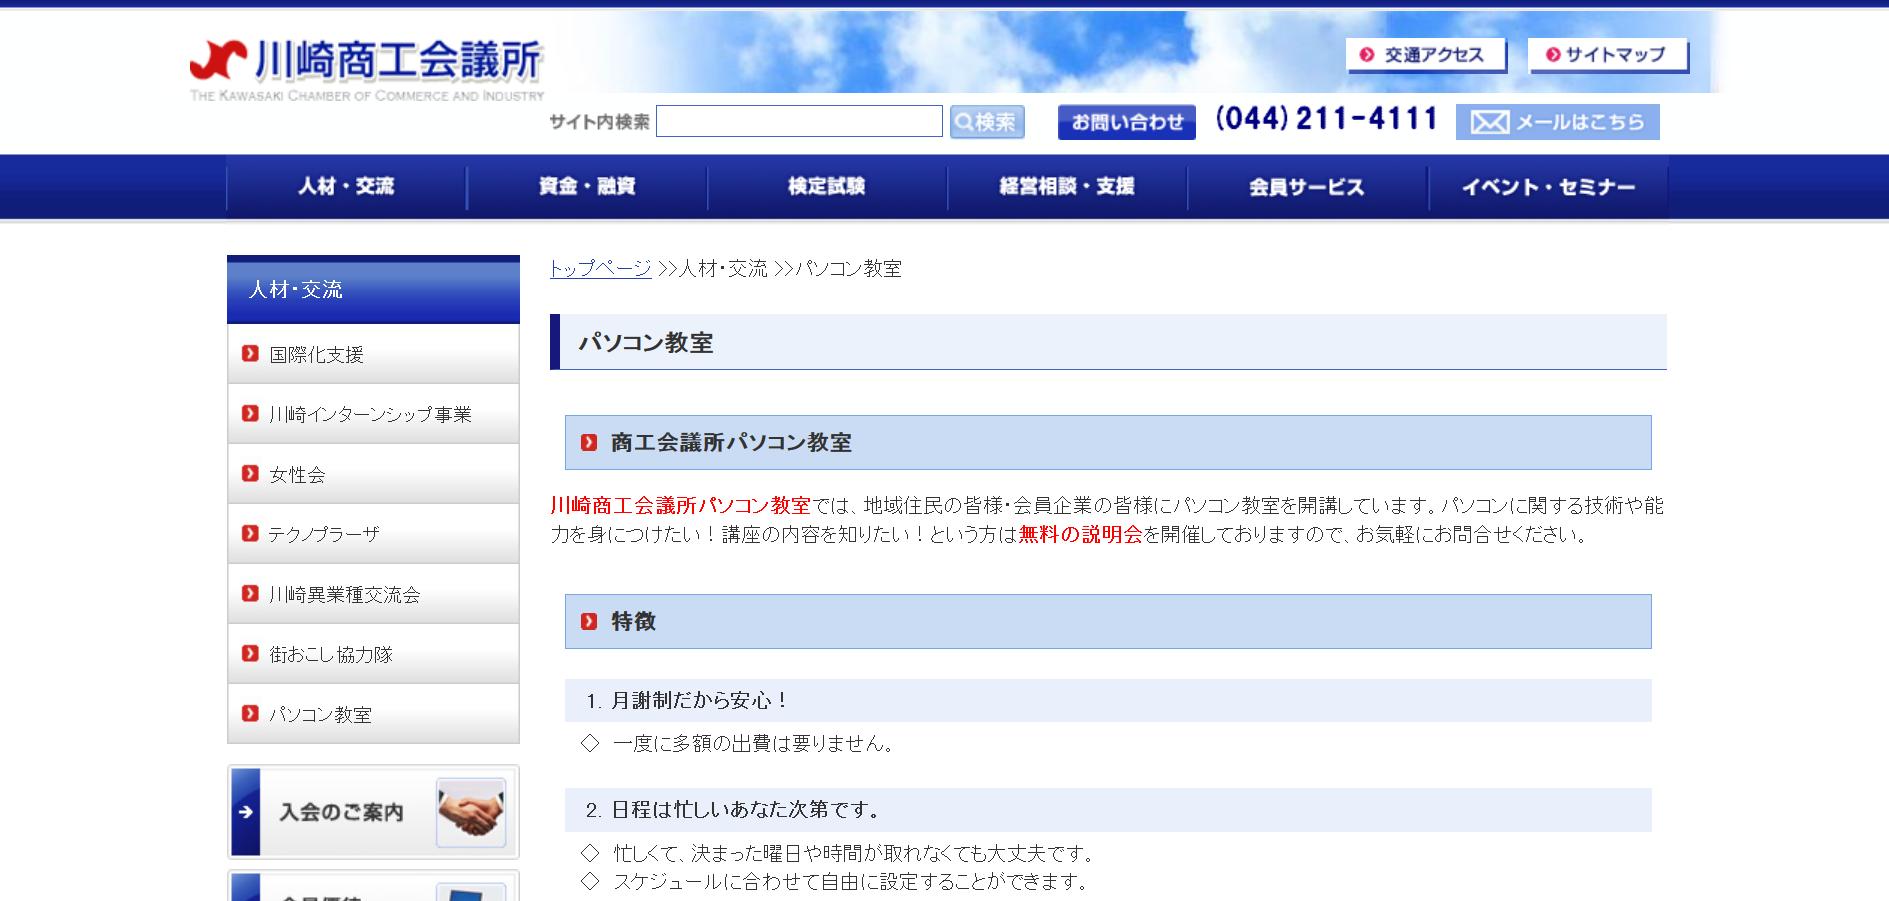 川崎商工会議所パソコン教室の評判・口コミ